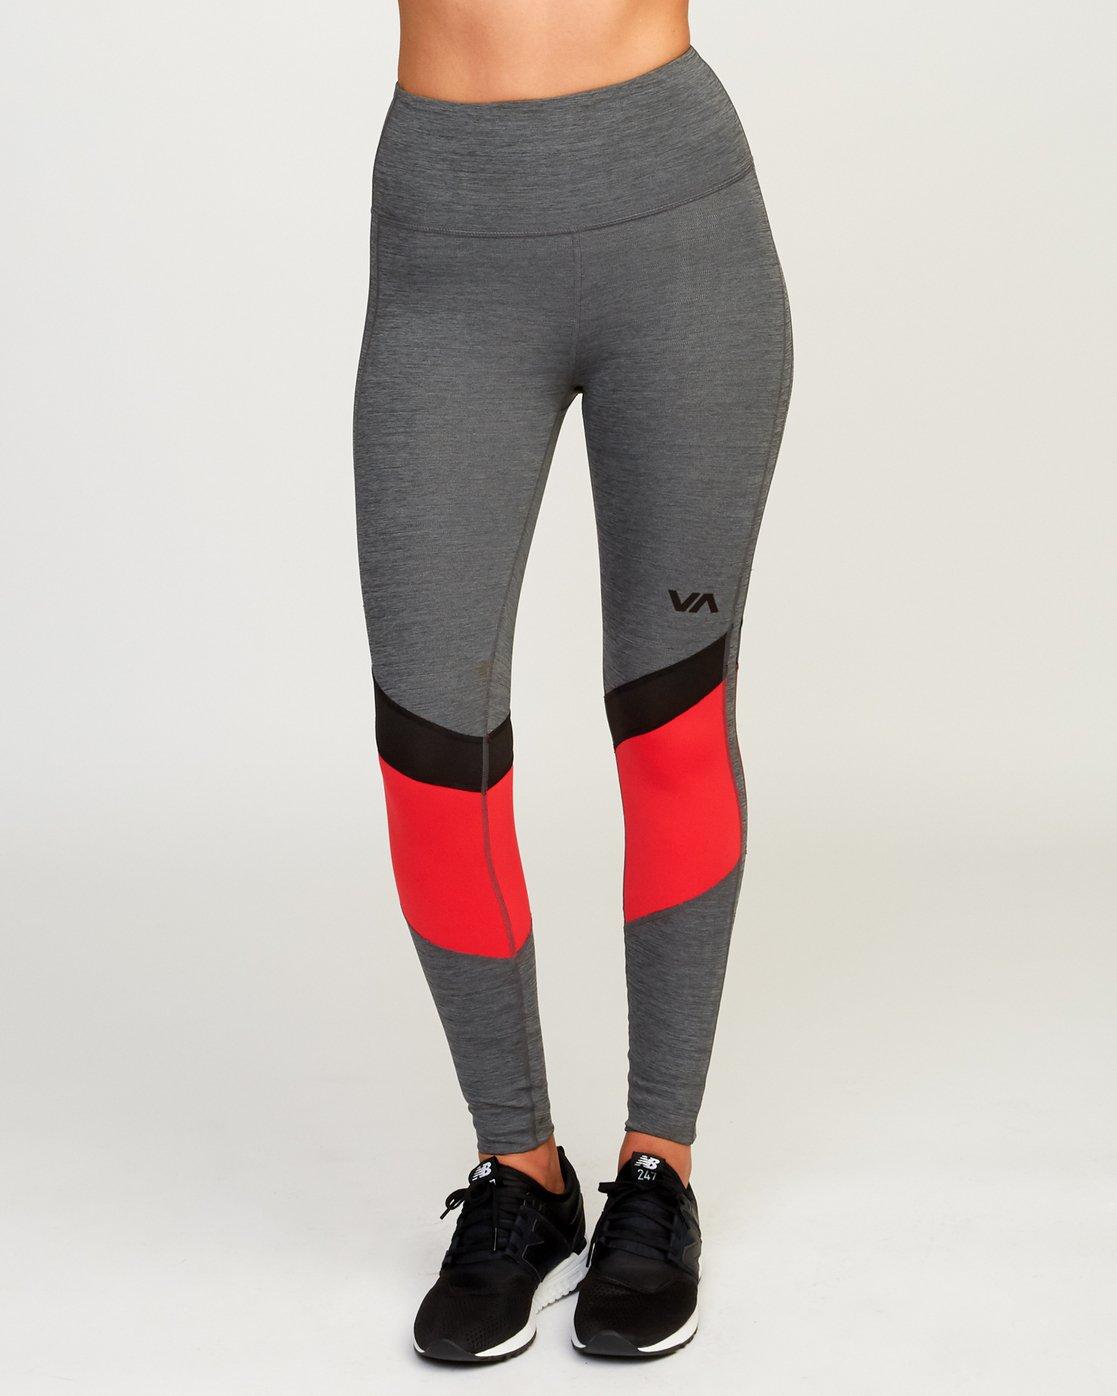 0 Va Levels Legging Grey R493273 RVCA